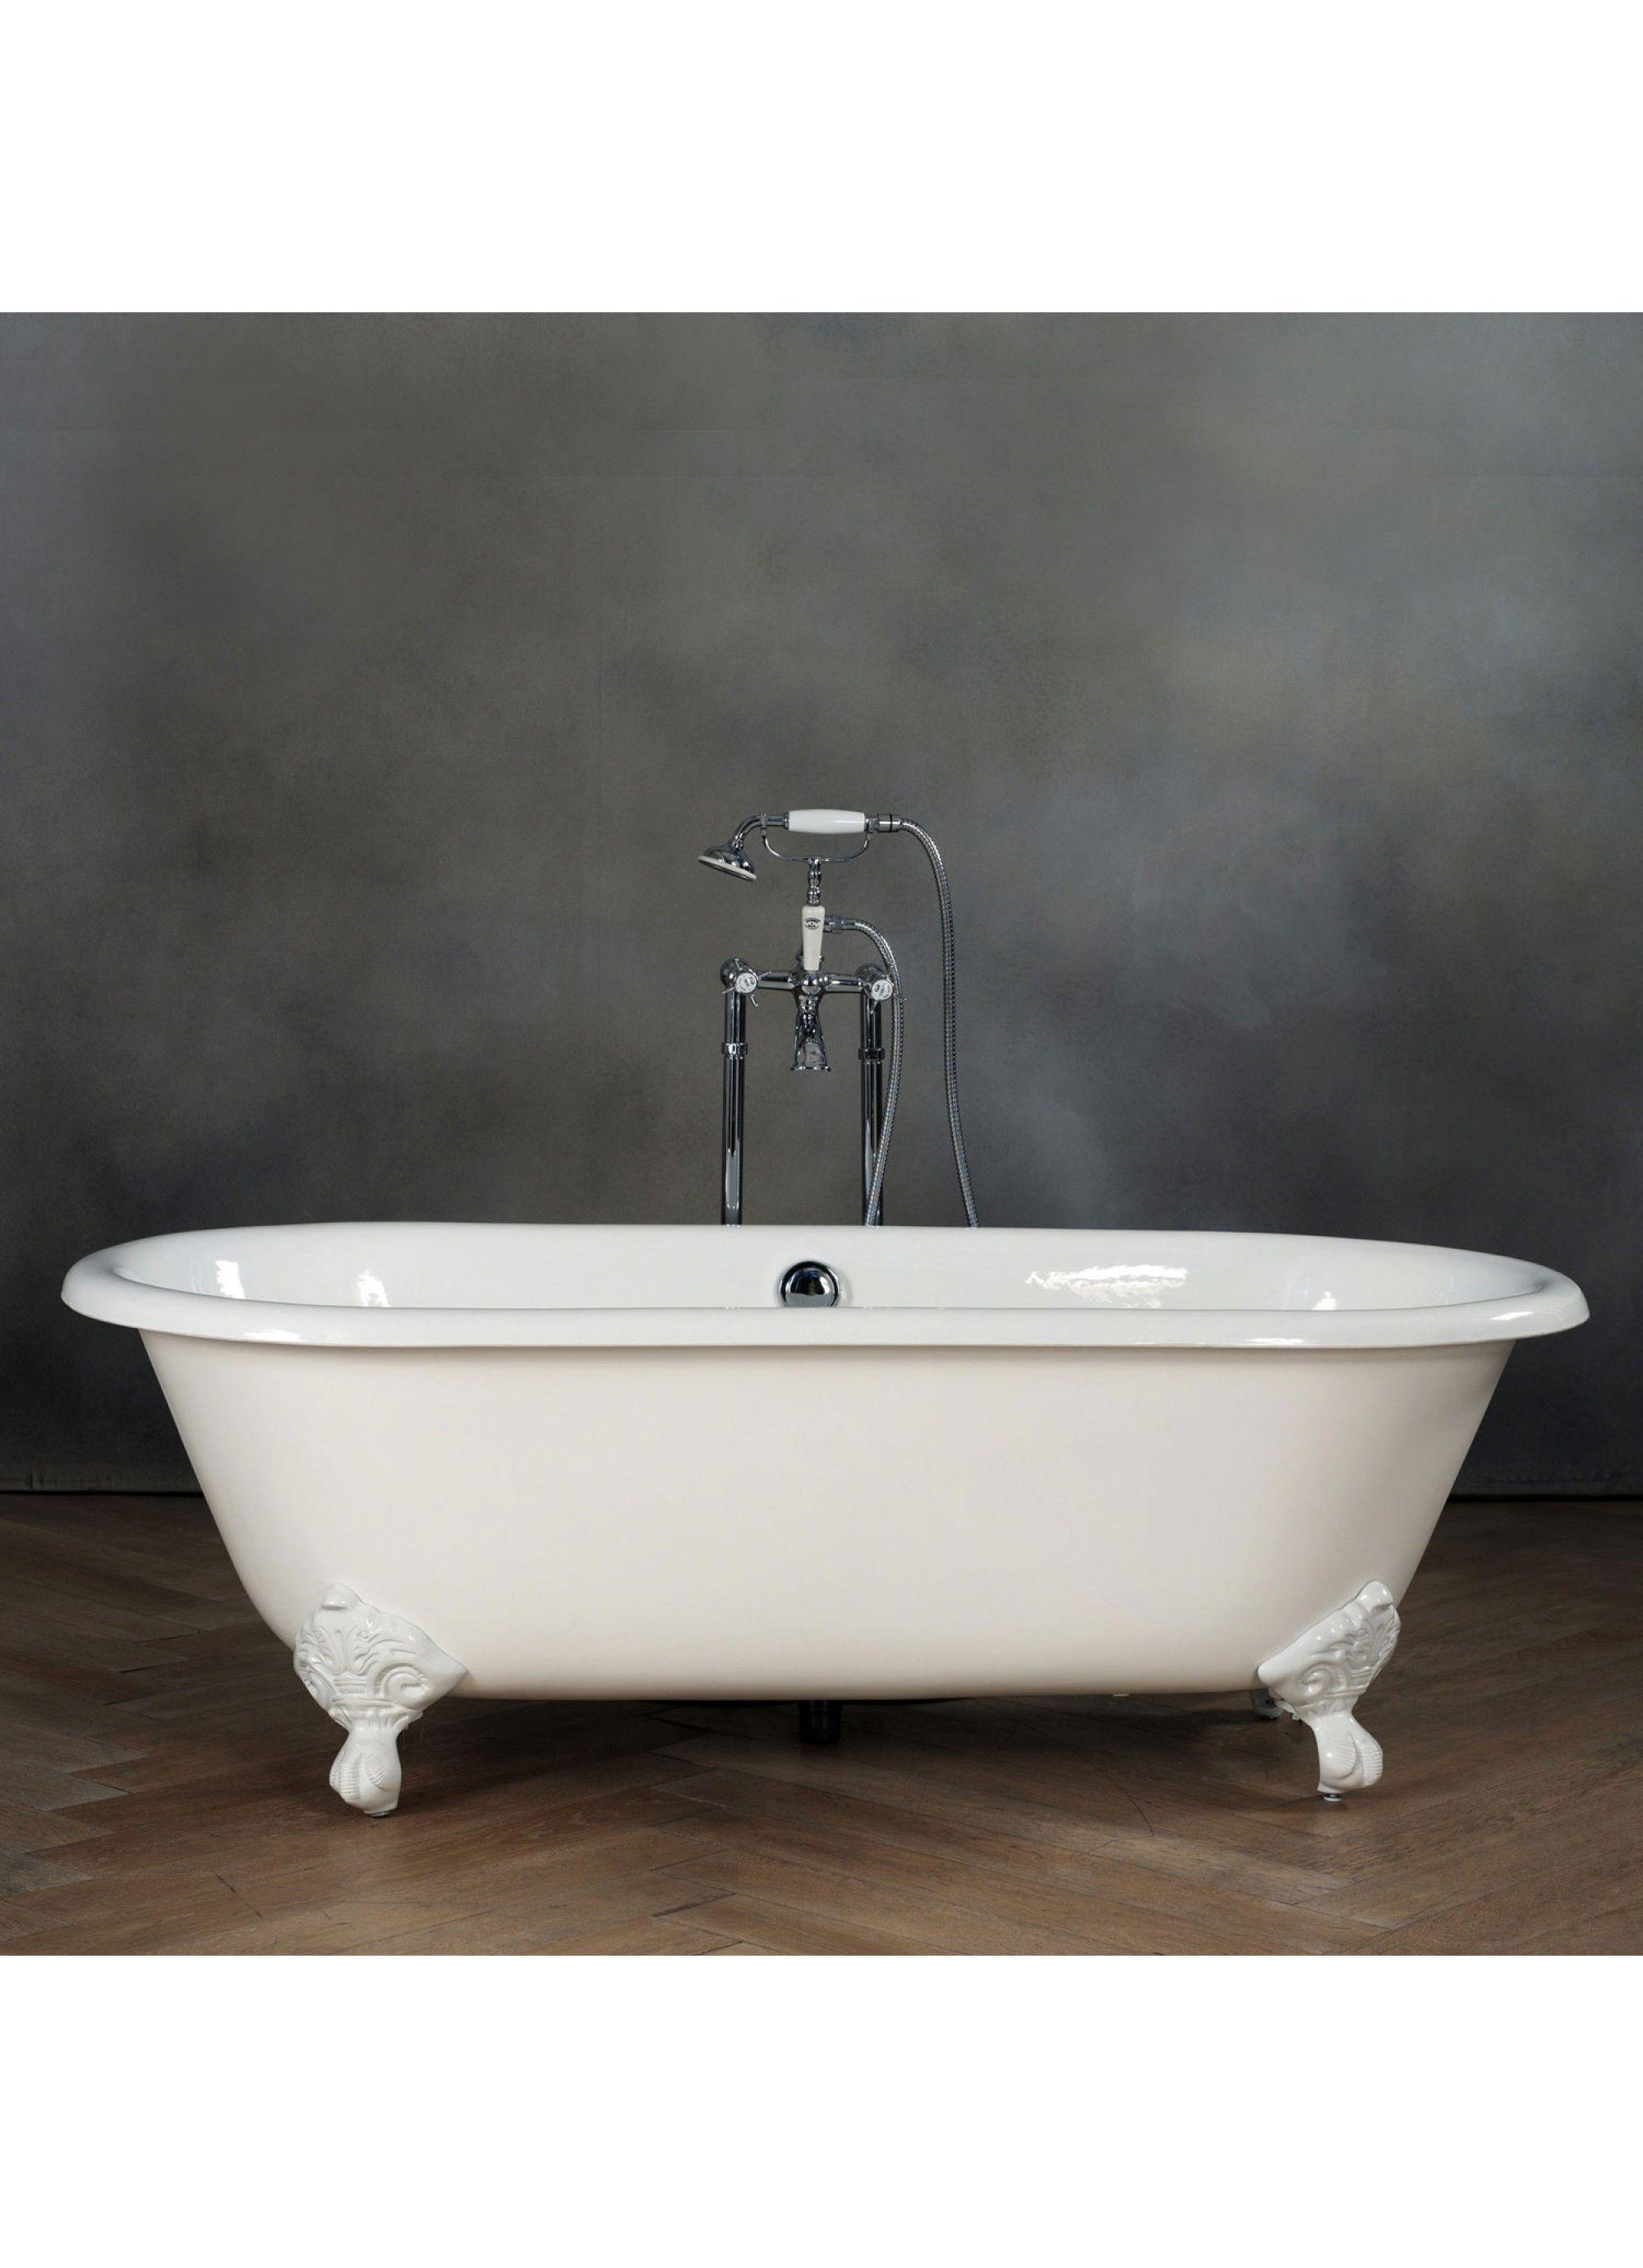 prince vasca in ghisa - arredo bagno - shop online | cargo ht ... - Mobili E Arredo Bagno